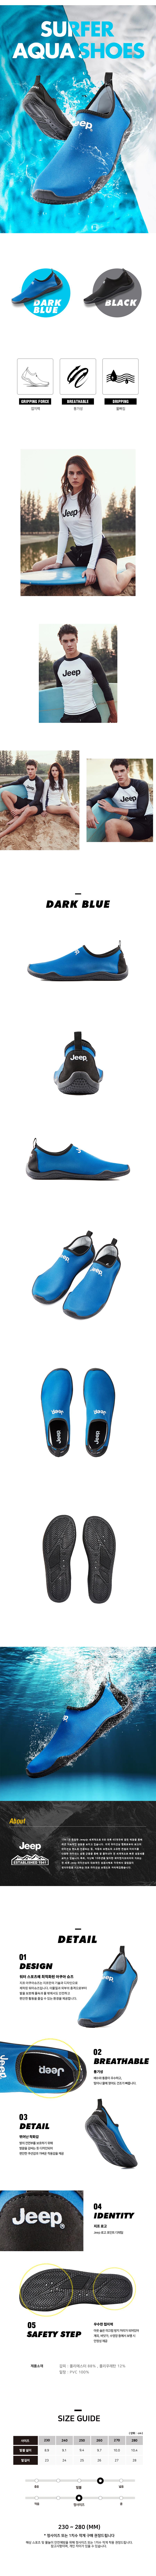 JEEP SURFER AQUA SHOES (GL2GHU601DL)